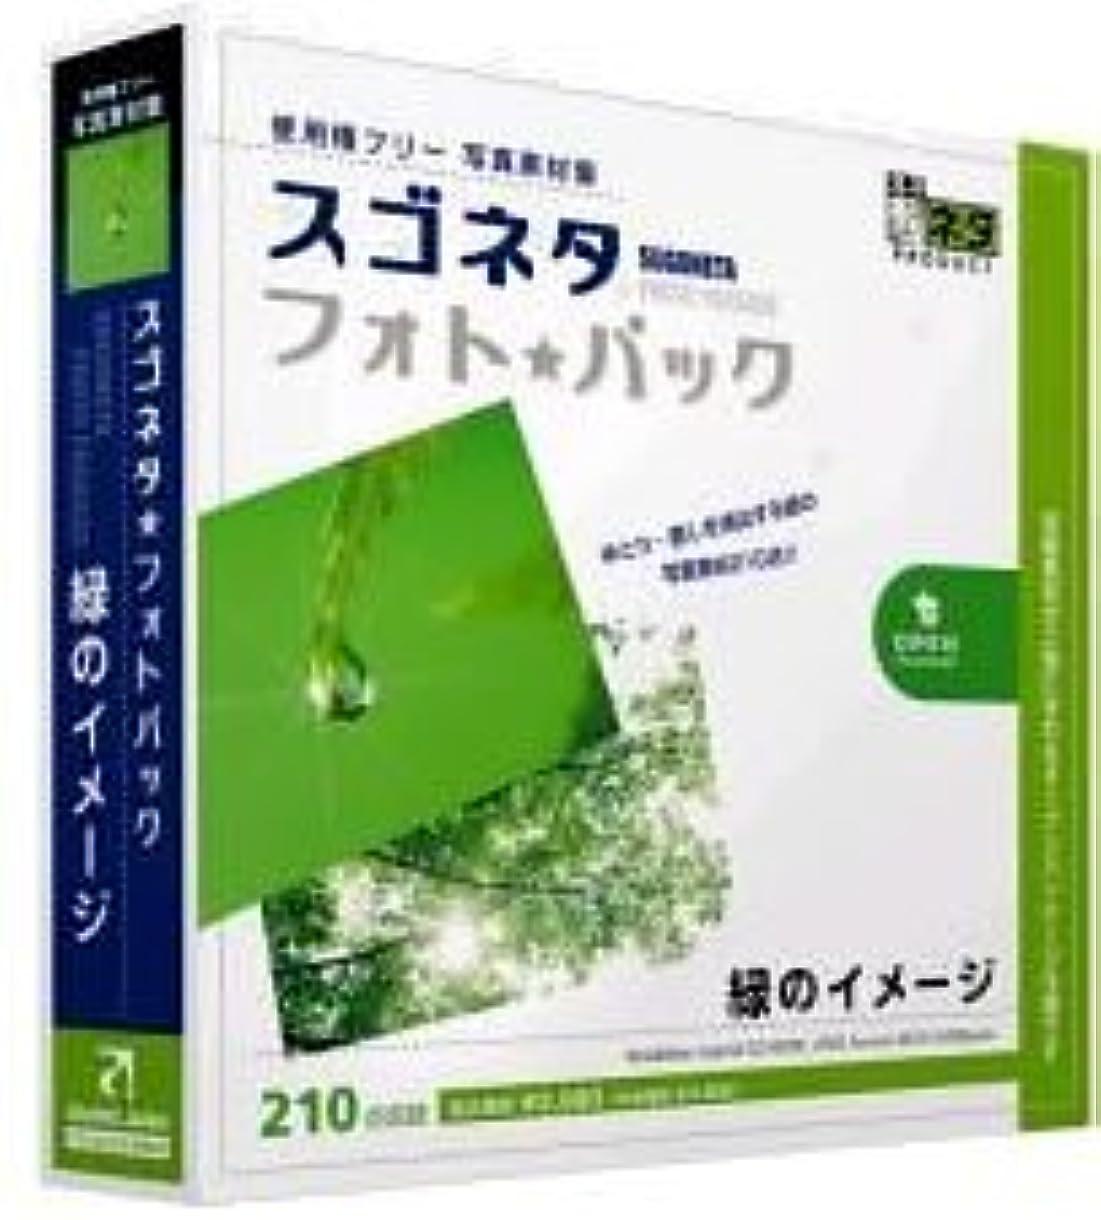 規制名義で肩をすくめるスゴネタ フォトパック 緑のイメージ